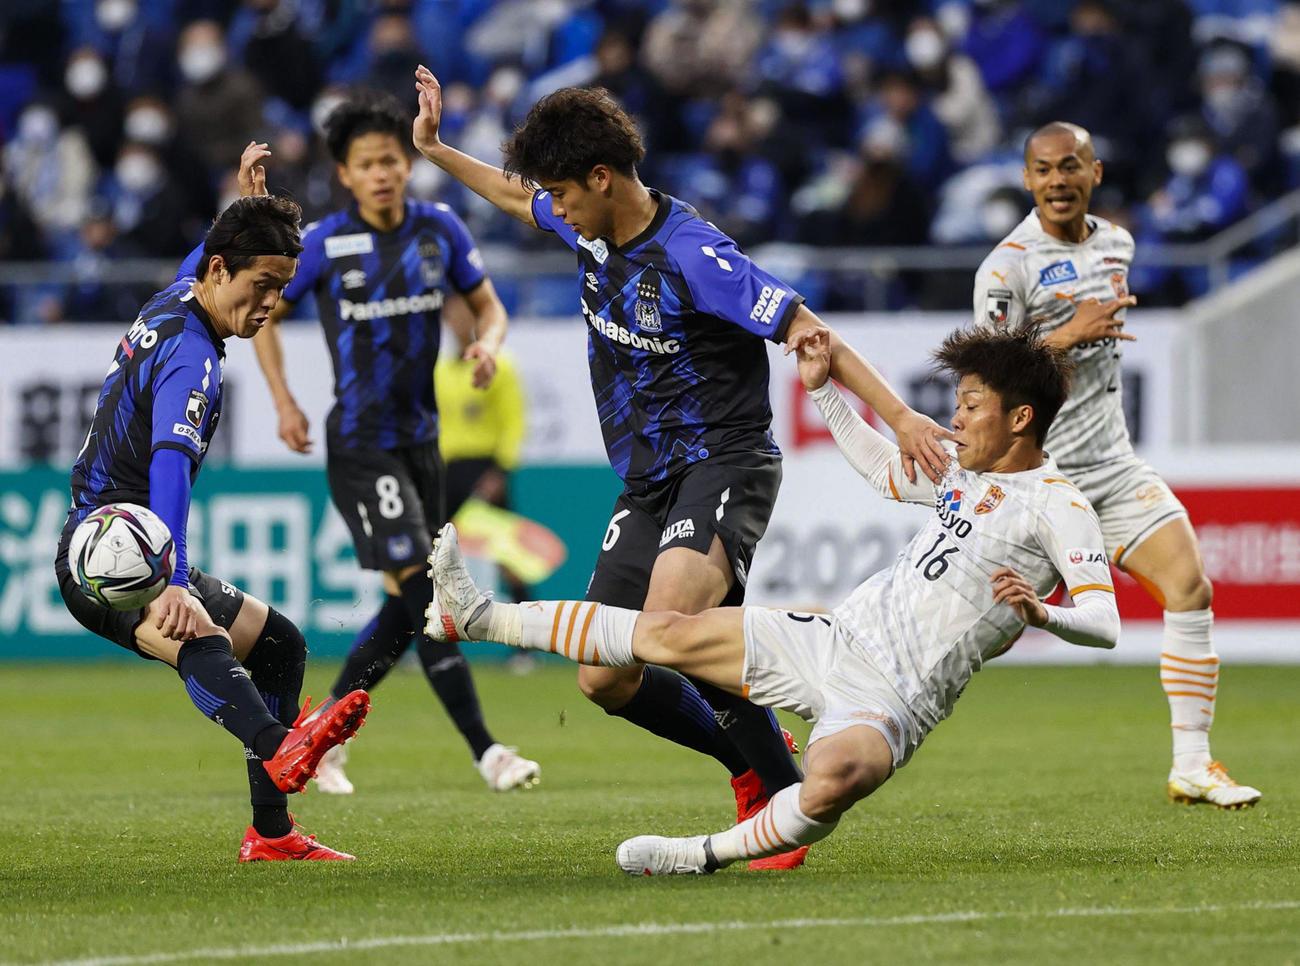 G大阪対清水 後半、競り合うG大阪佐藤(中央)と清水西沢(右)